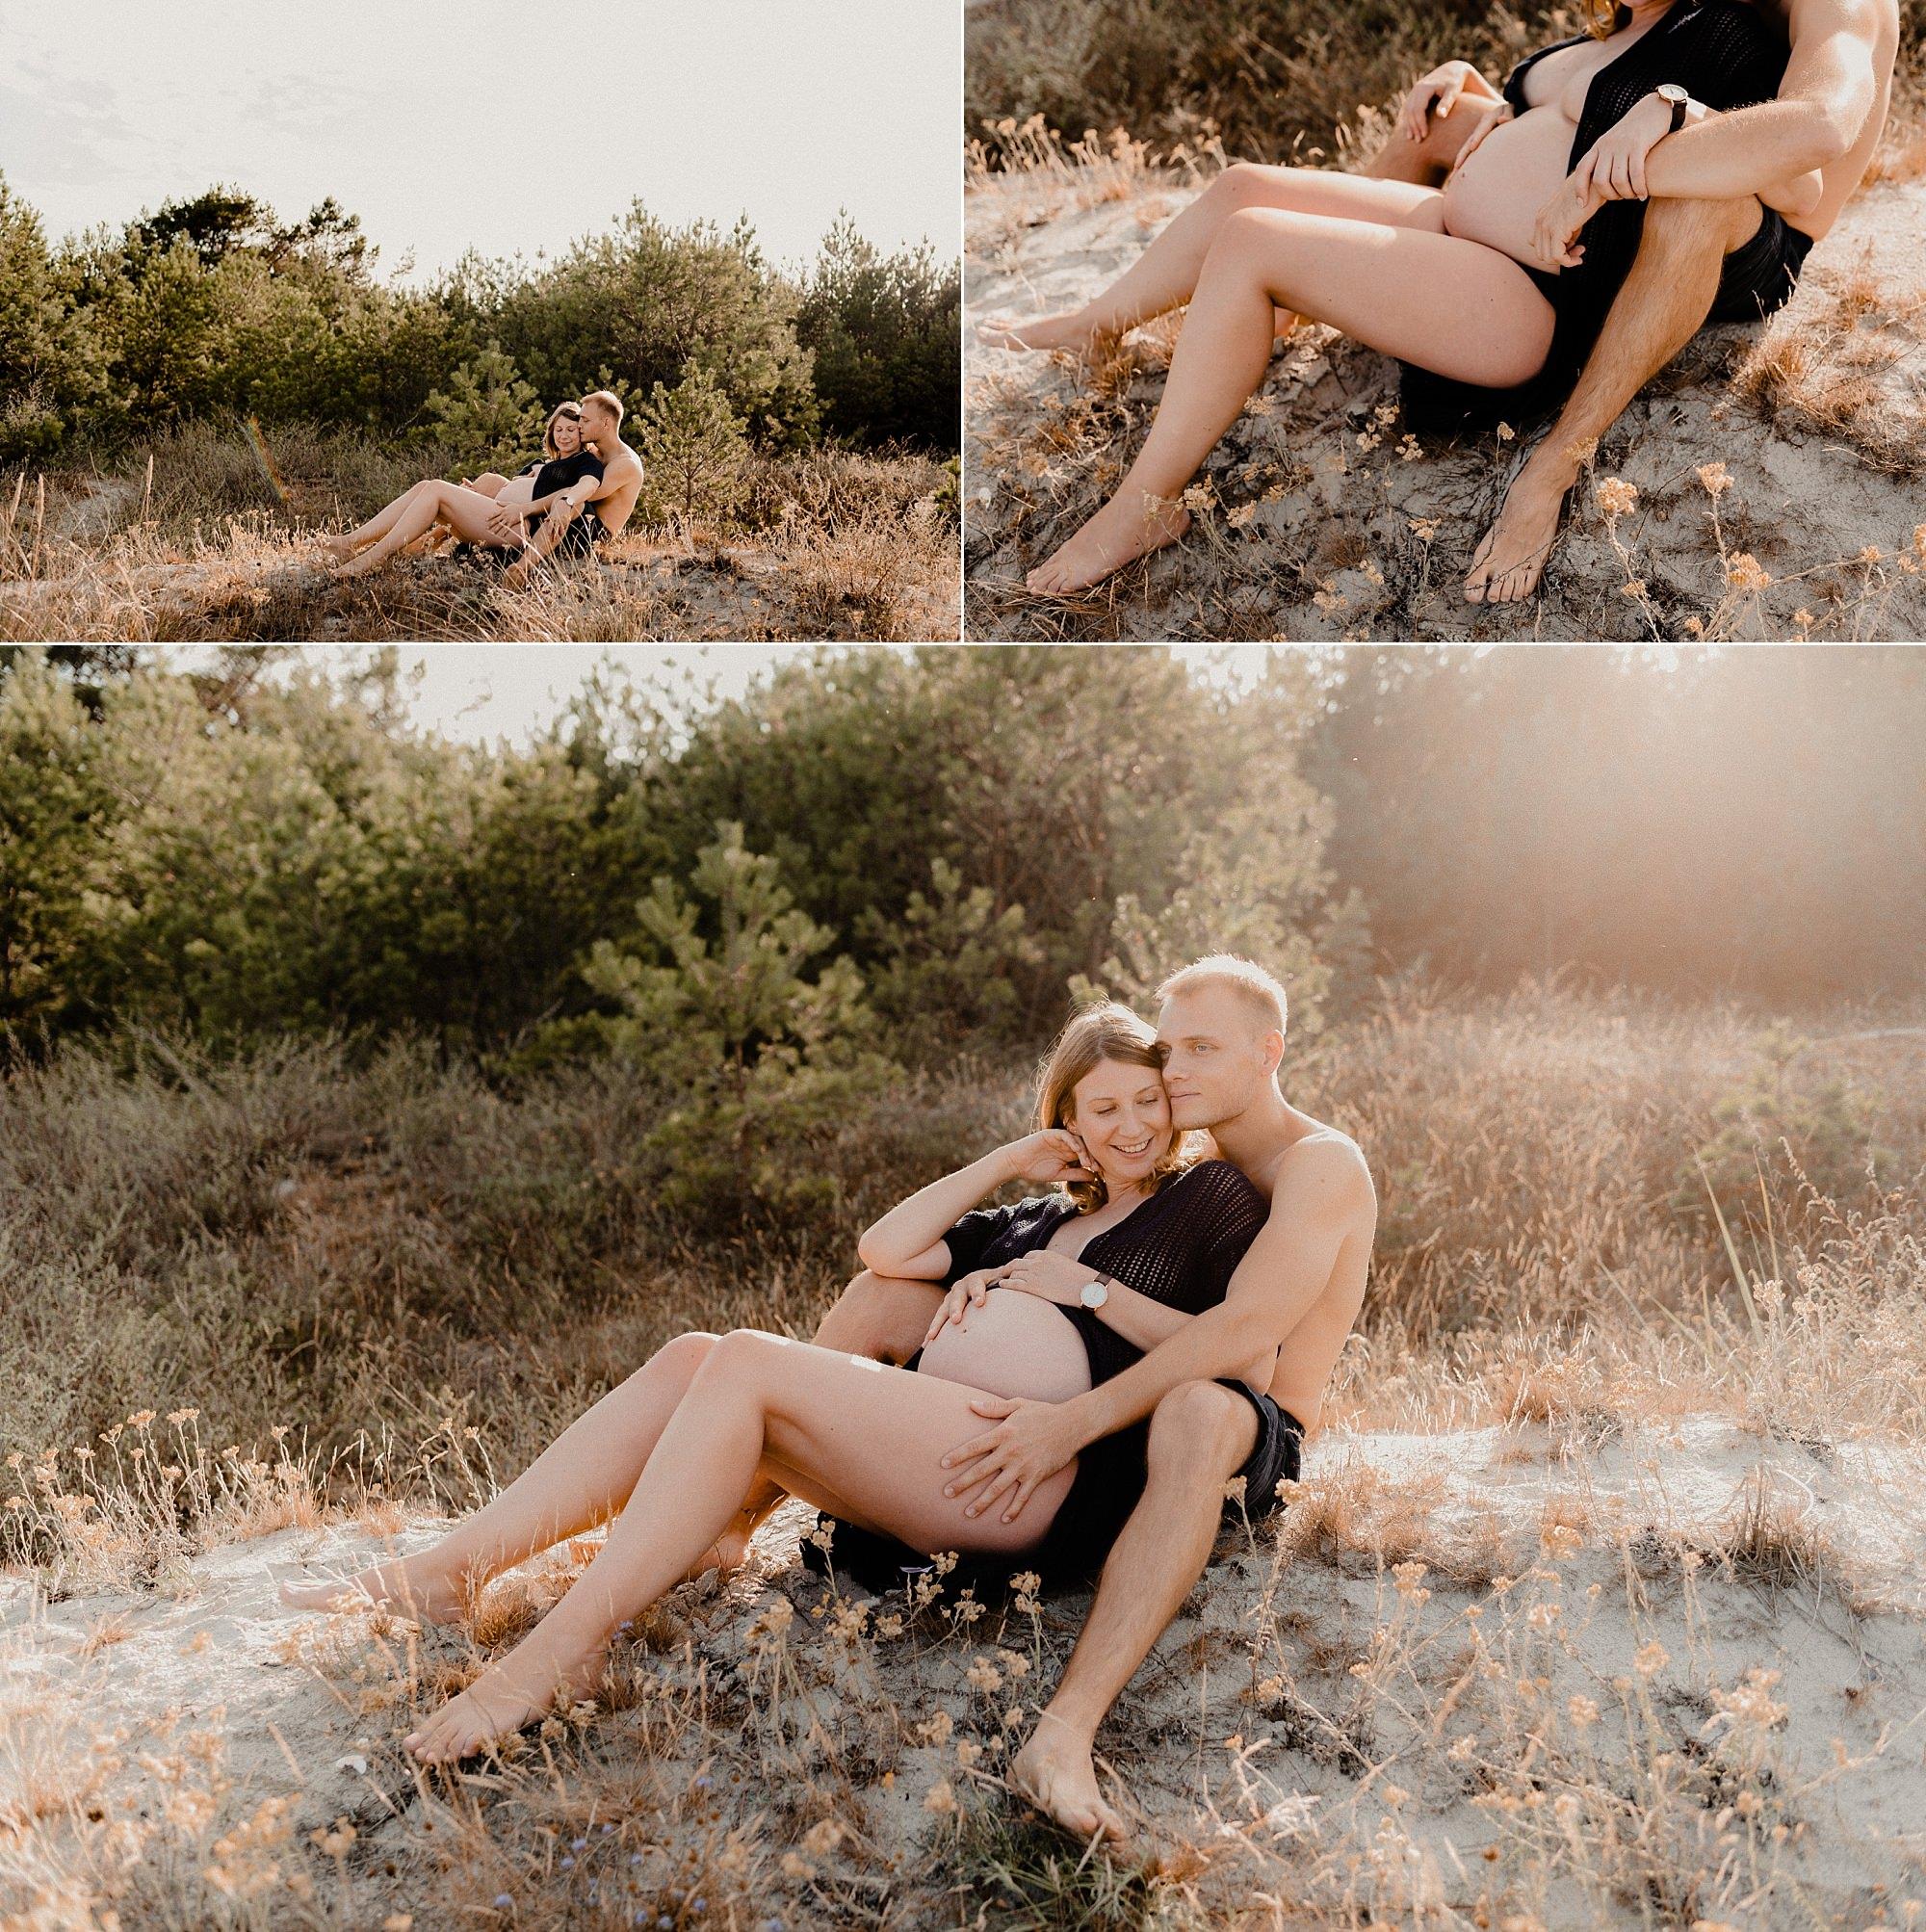 Schwanger - Fotoshooting - Rügen - Babybauch - Fotografie - Binz - Glowe - Ostseeurlaub - Babybauchfotos mit Haut - Strandshooting